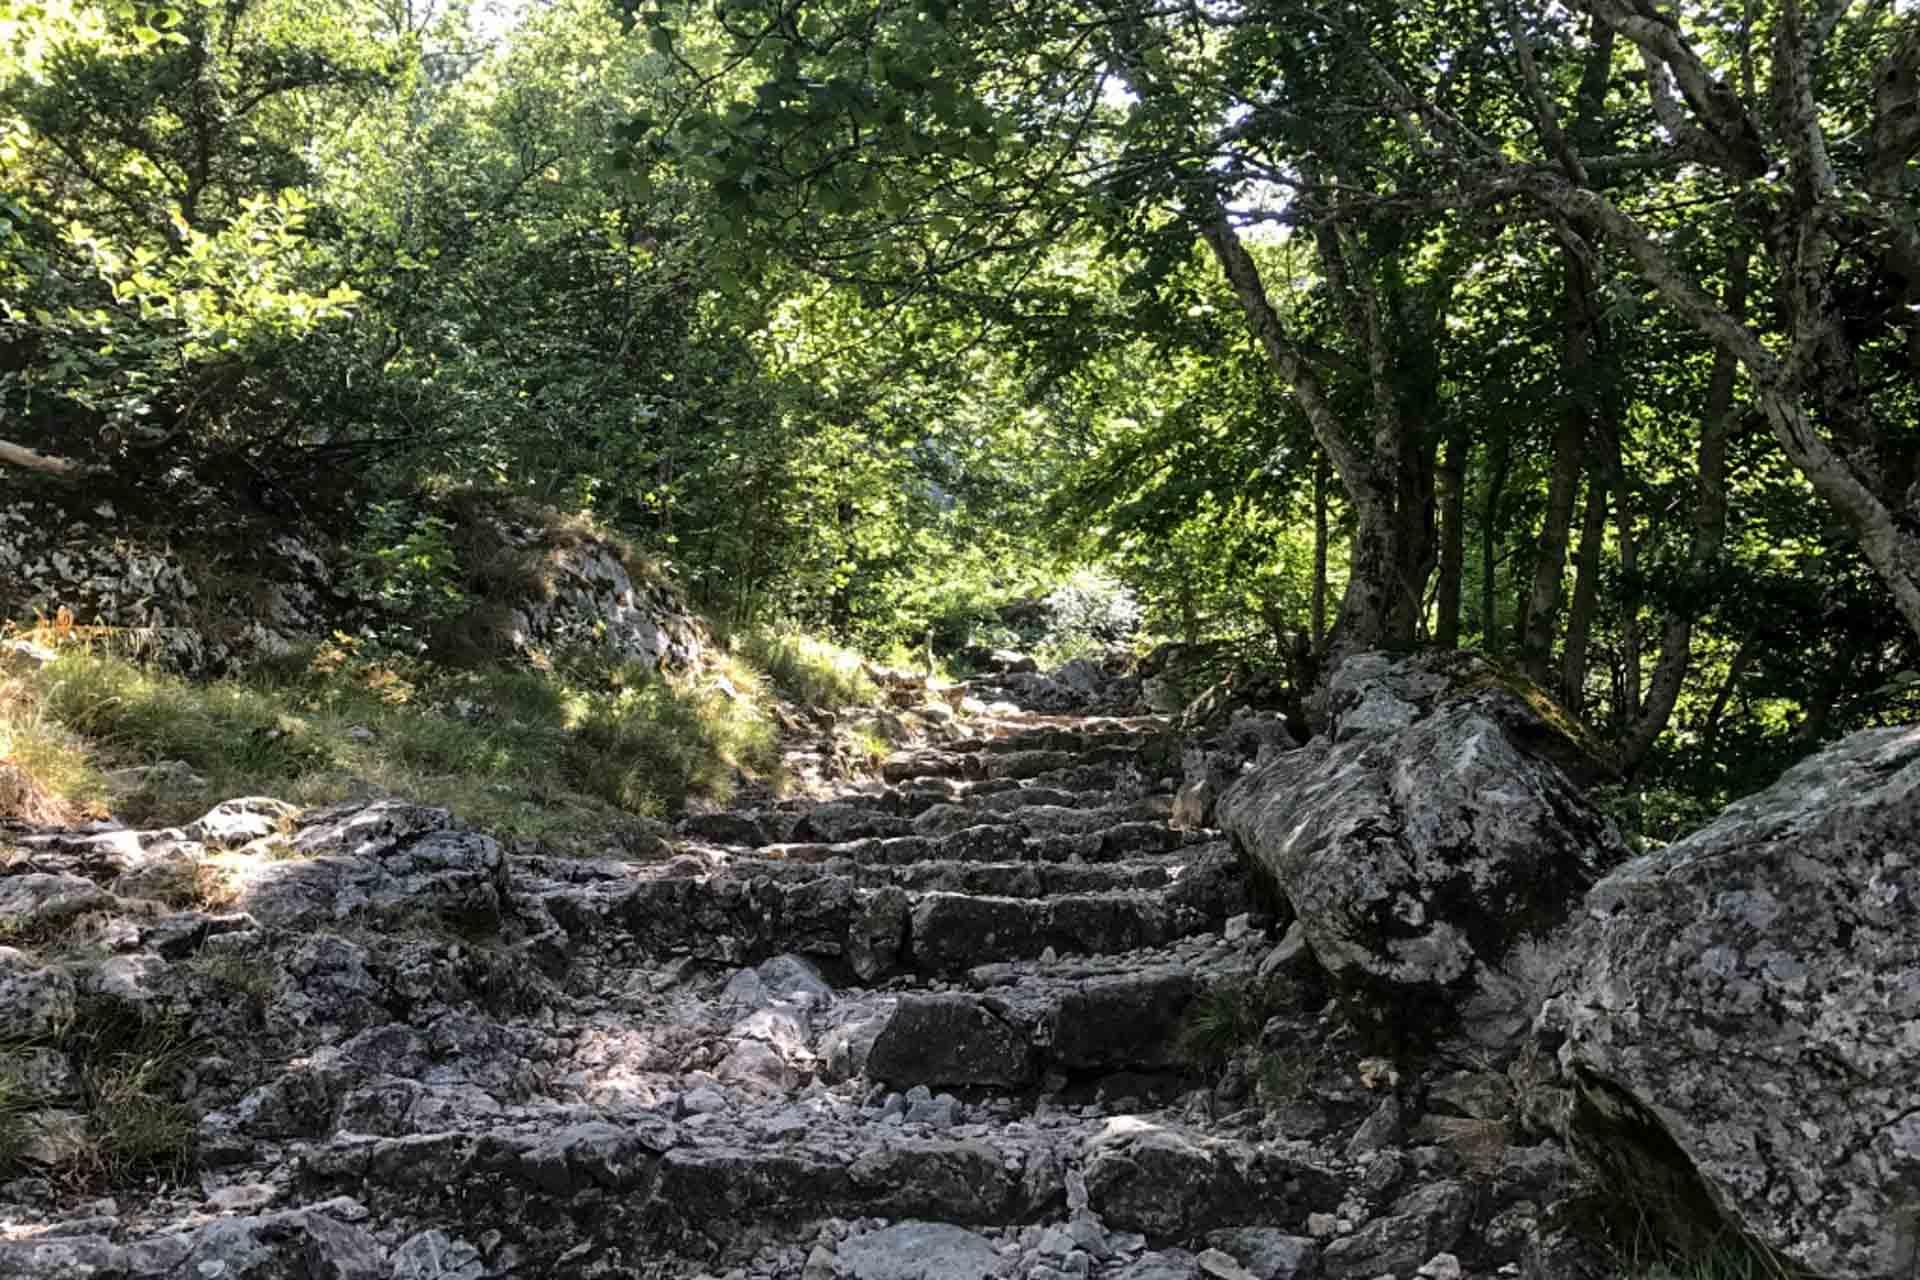 Mont Saint-Pilon's forest